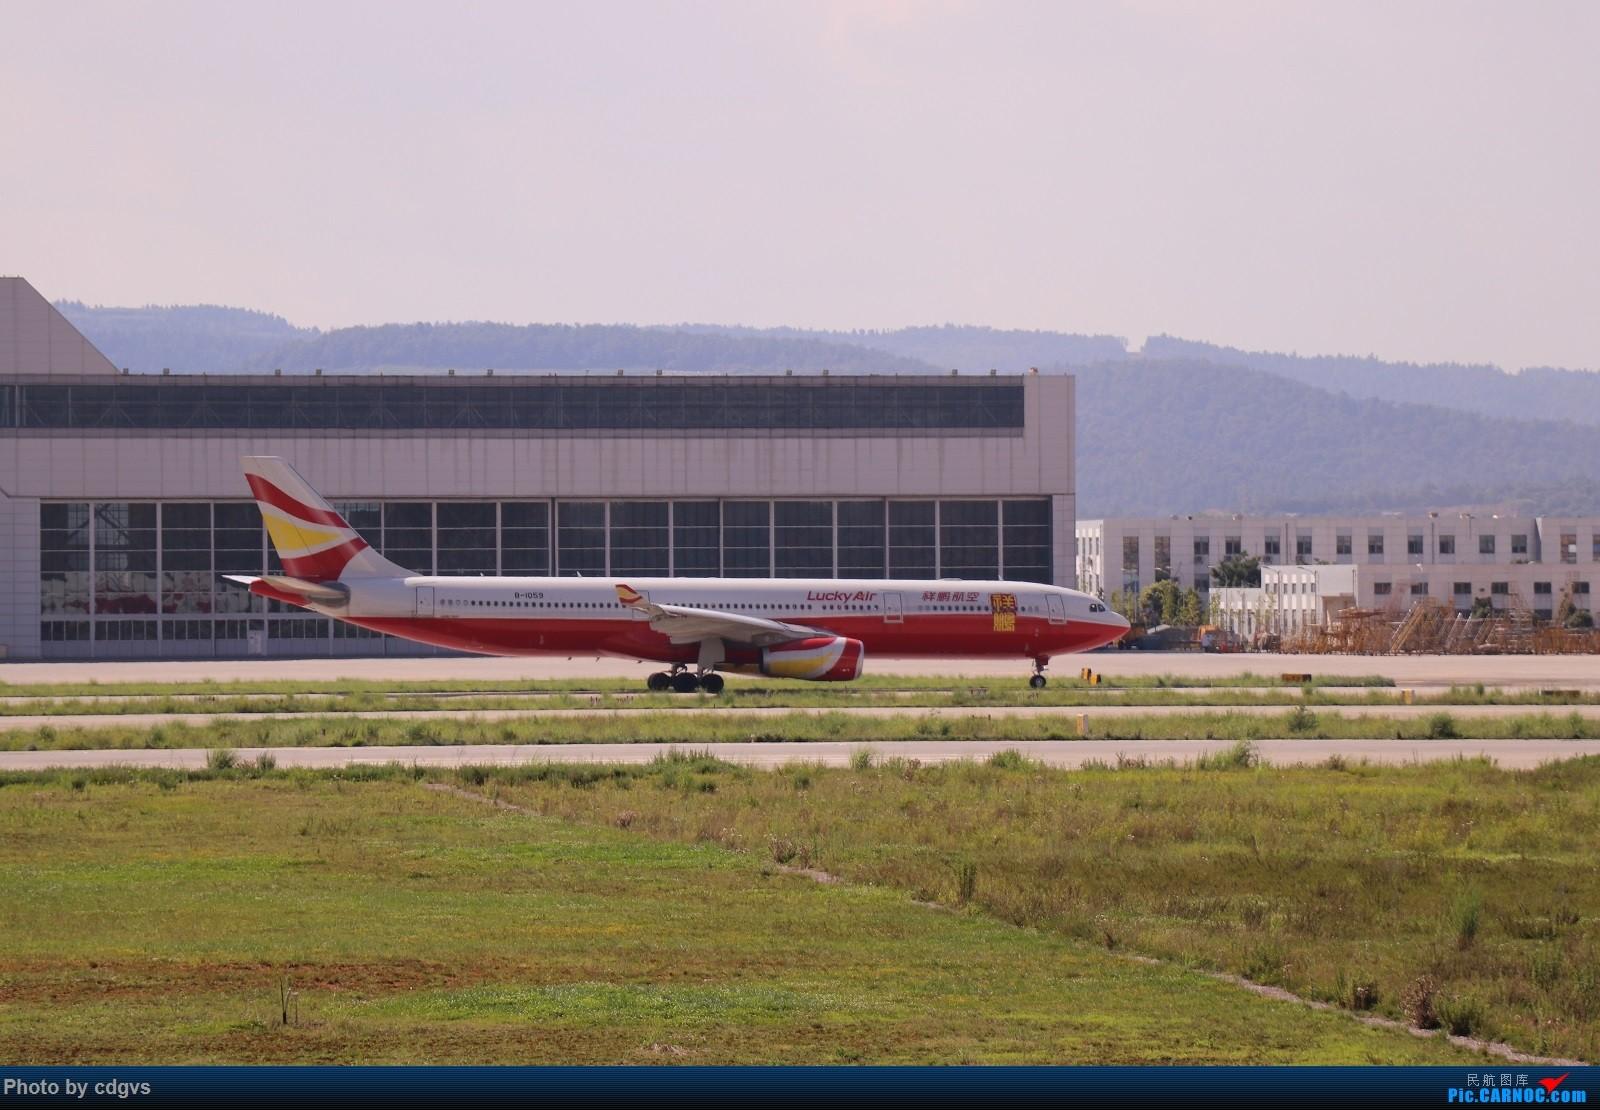 Re:[原创]【KMG】昆明的一天 1600大图 一次看个爽 AIRBUS A330-300 B-1059 中国昆明长水国际机场